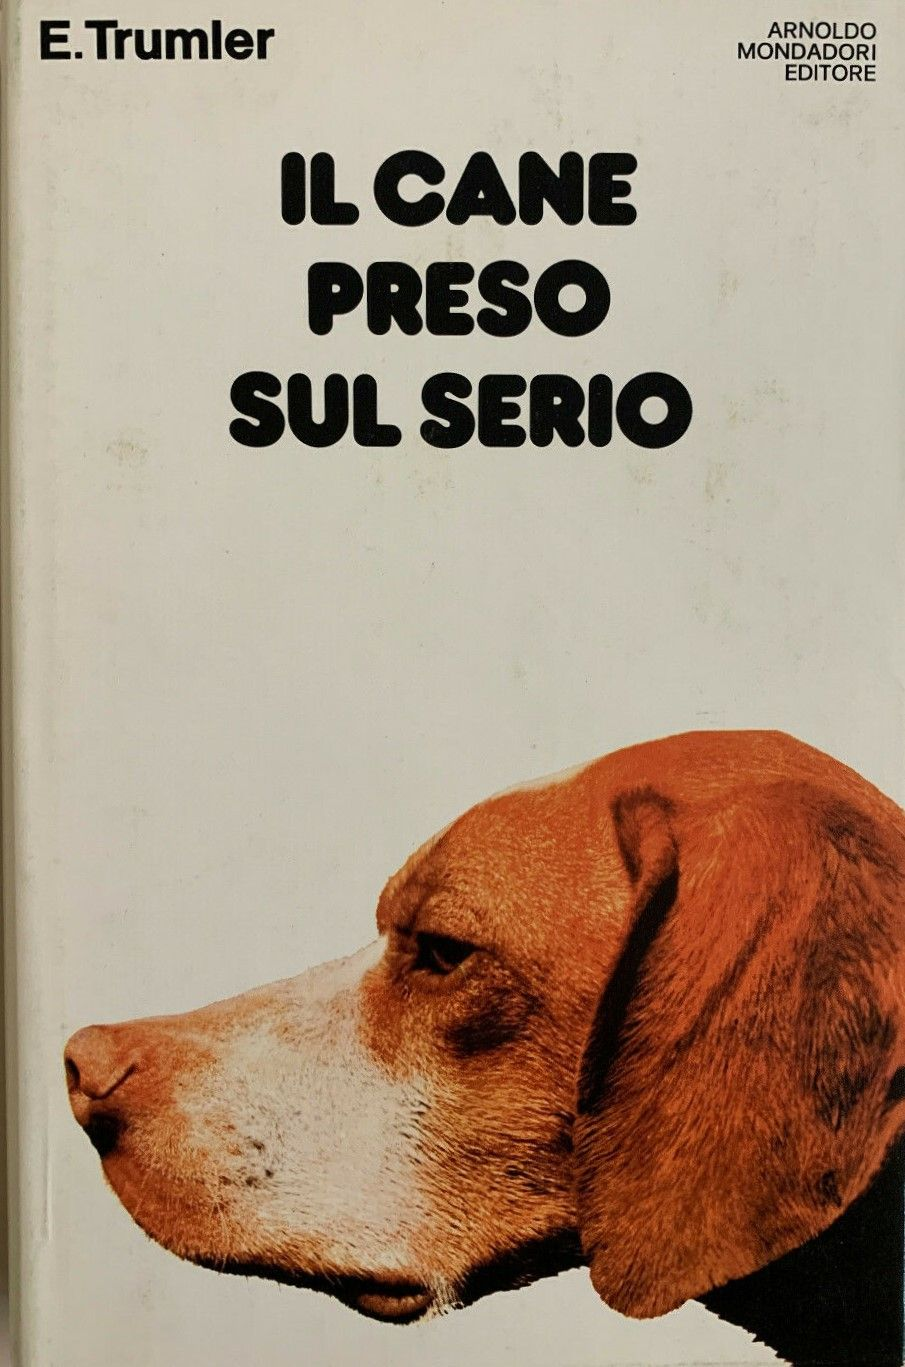 """Due libri cult di cinofilia: """"A tu per tu con il cane"""" e """"Il cane preso sul serio"""" di Eberhard Trumler"""